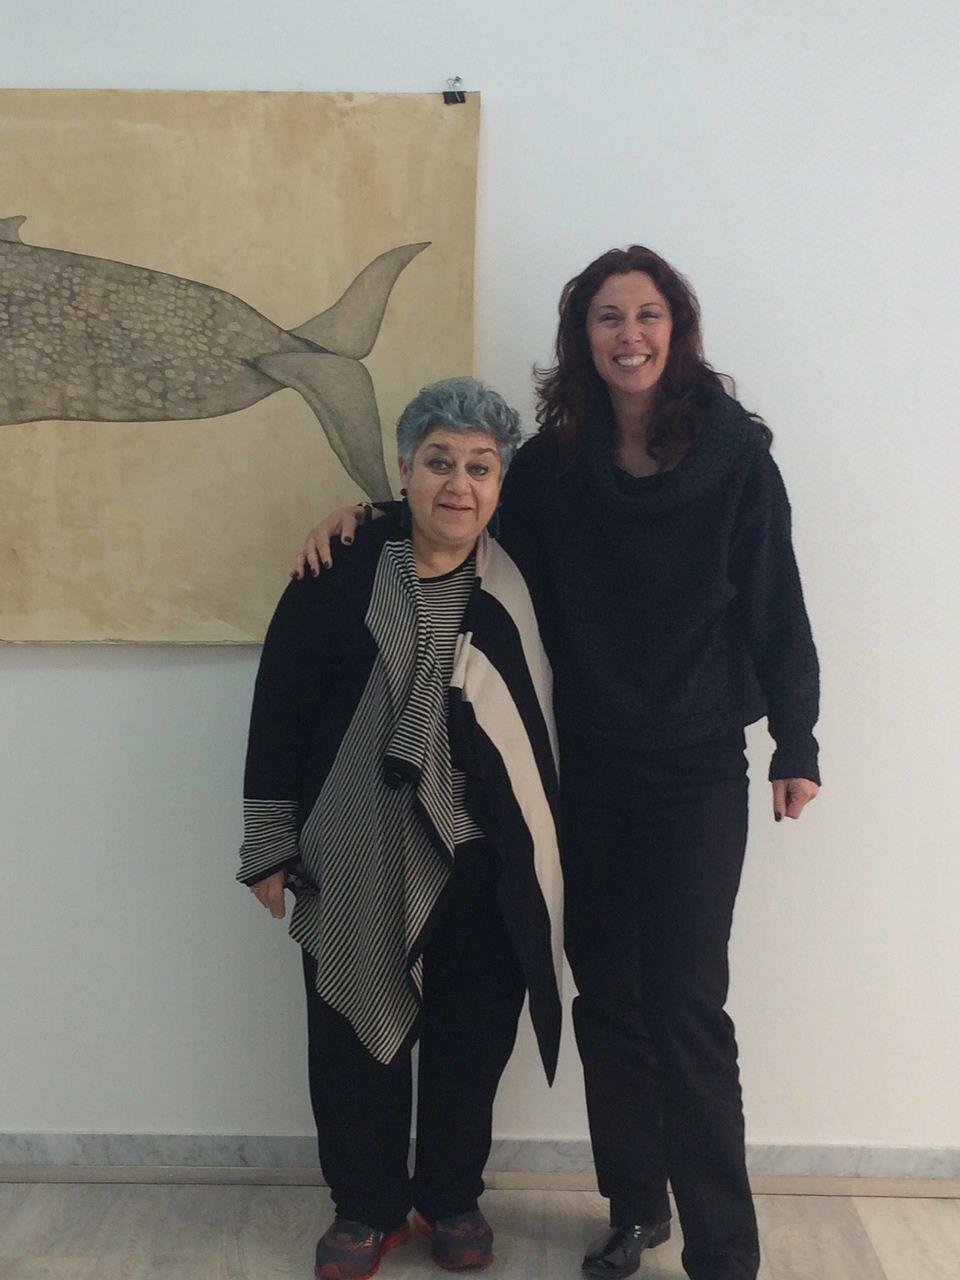 Avvistata a Pietrasanta l'attrice Serra Yilmaz, protagonista dei film di Ferzan Ozpetek